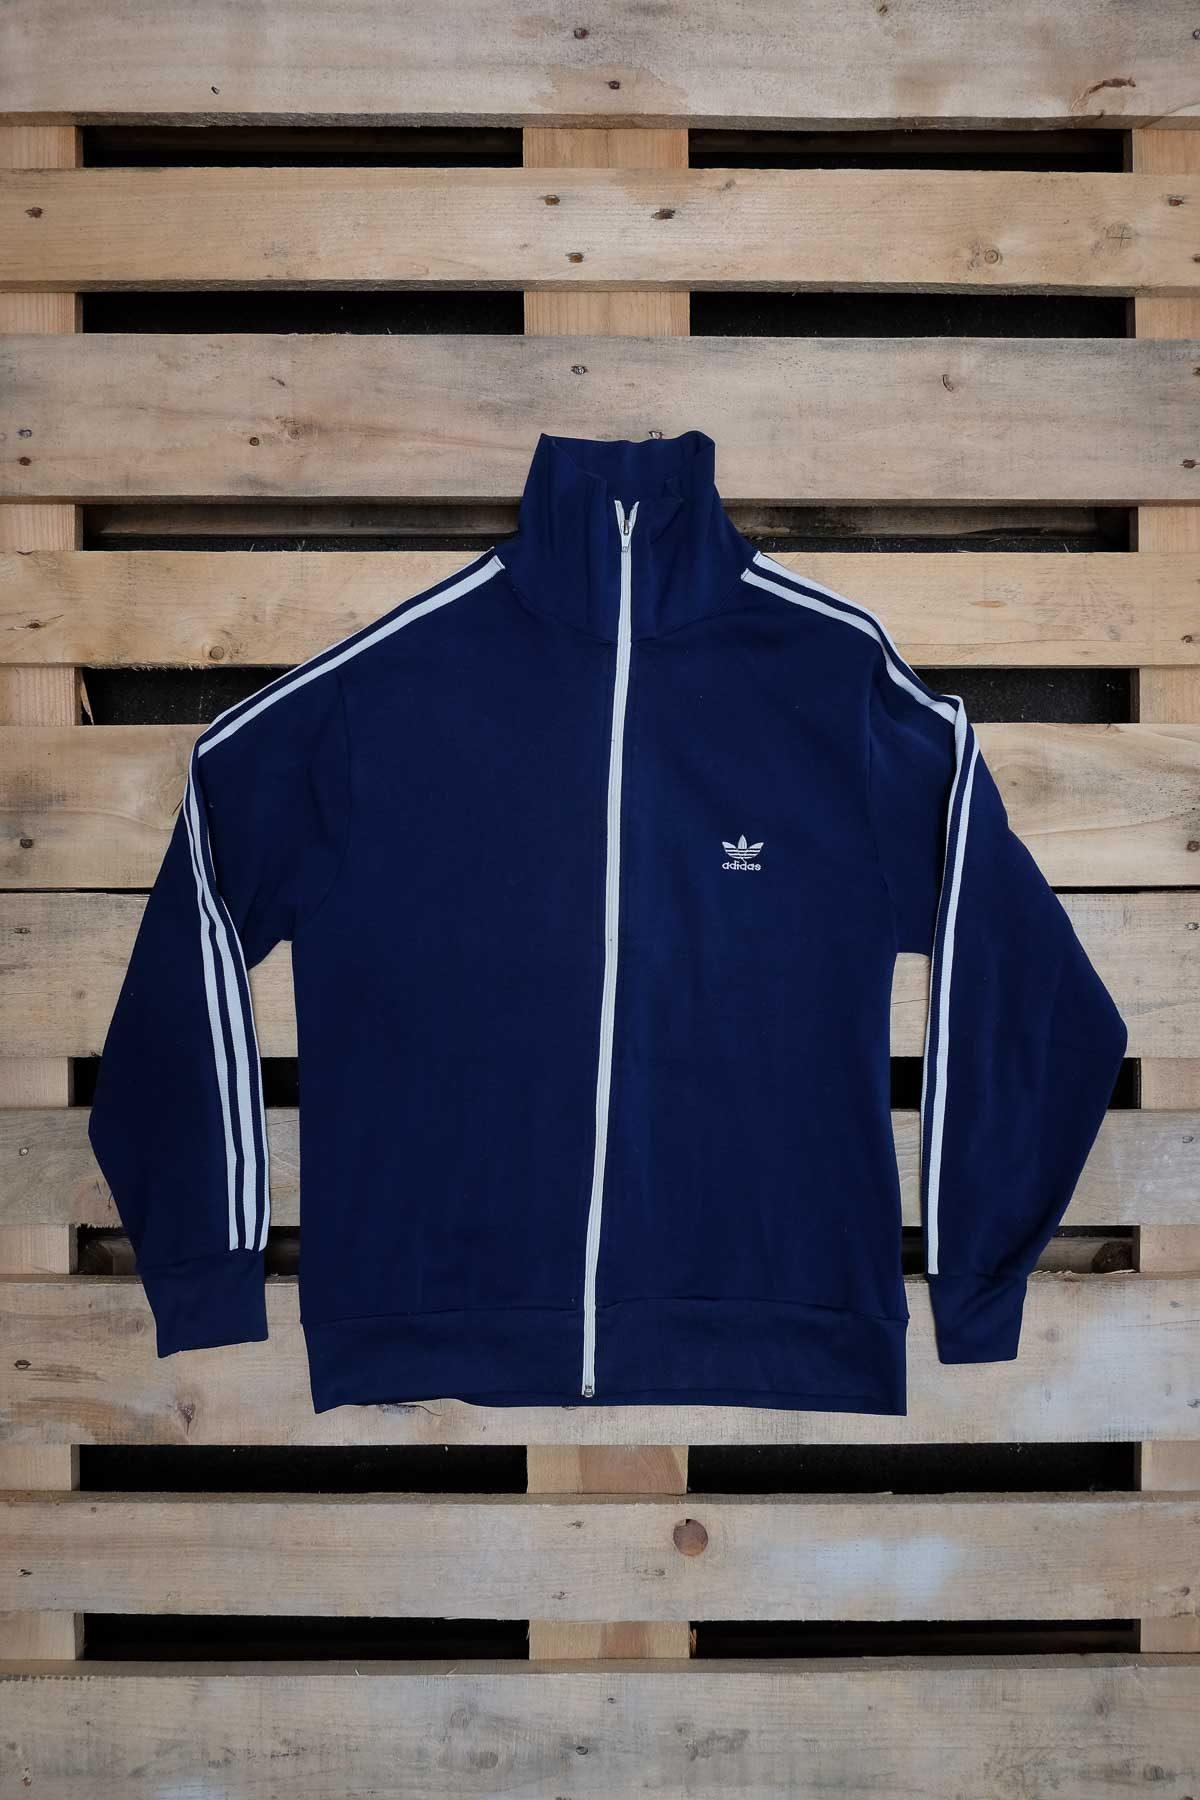 Adidas FELPA VINTAGE Blue XL